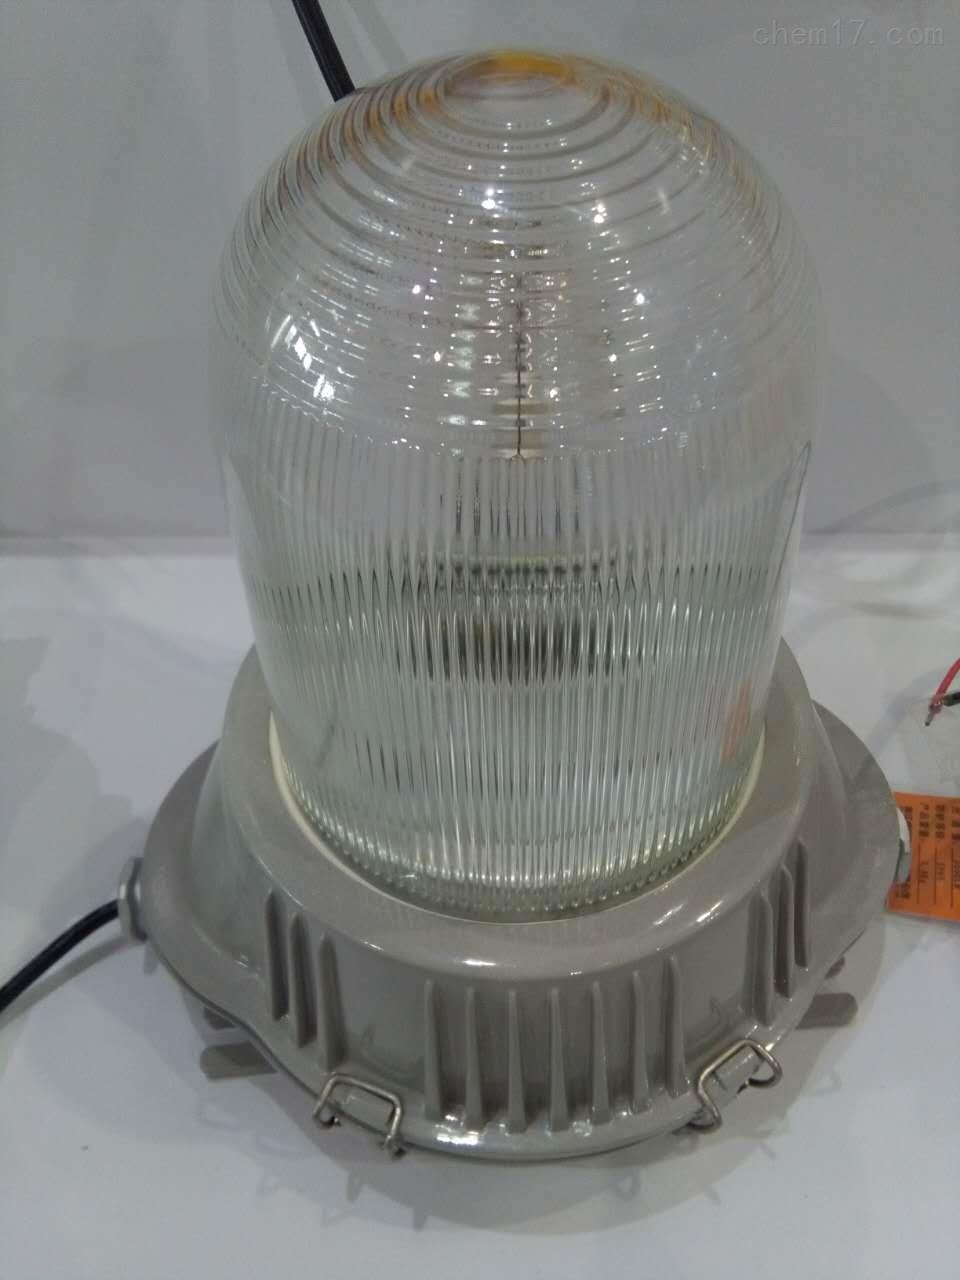 防眩平台灯,山西特价经销海洋王NFC9112防眩平台灯 节能防眩灯 NFC9112平台灯